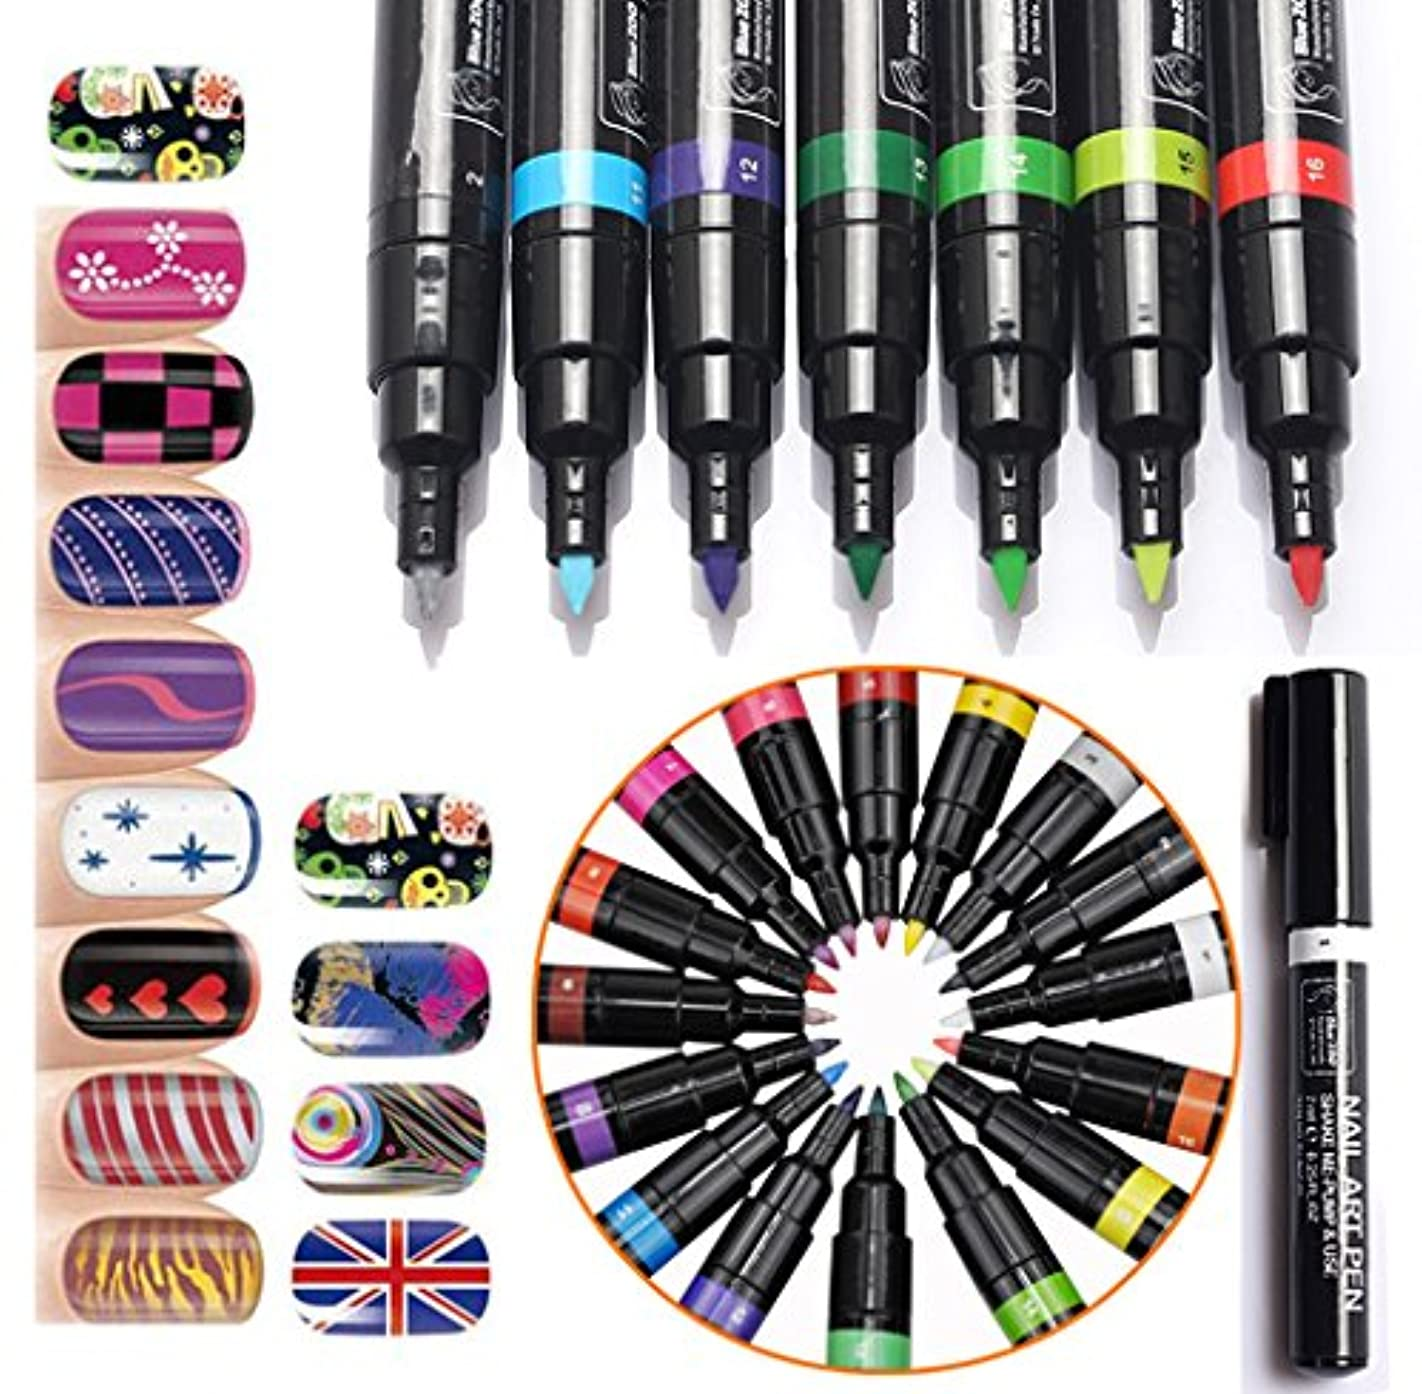 算術襲撃推測(メイクアップエーシーシー) MakeupAcc カラーネイルアートペン 3Dネイルペン ネイルアートペン ネイルマニキュア液 ペイントペン ペイント 両用 DIY 16色 (16色) [並行輸入品]